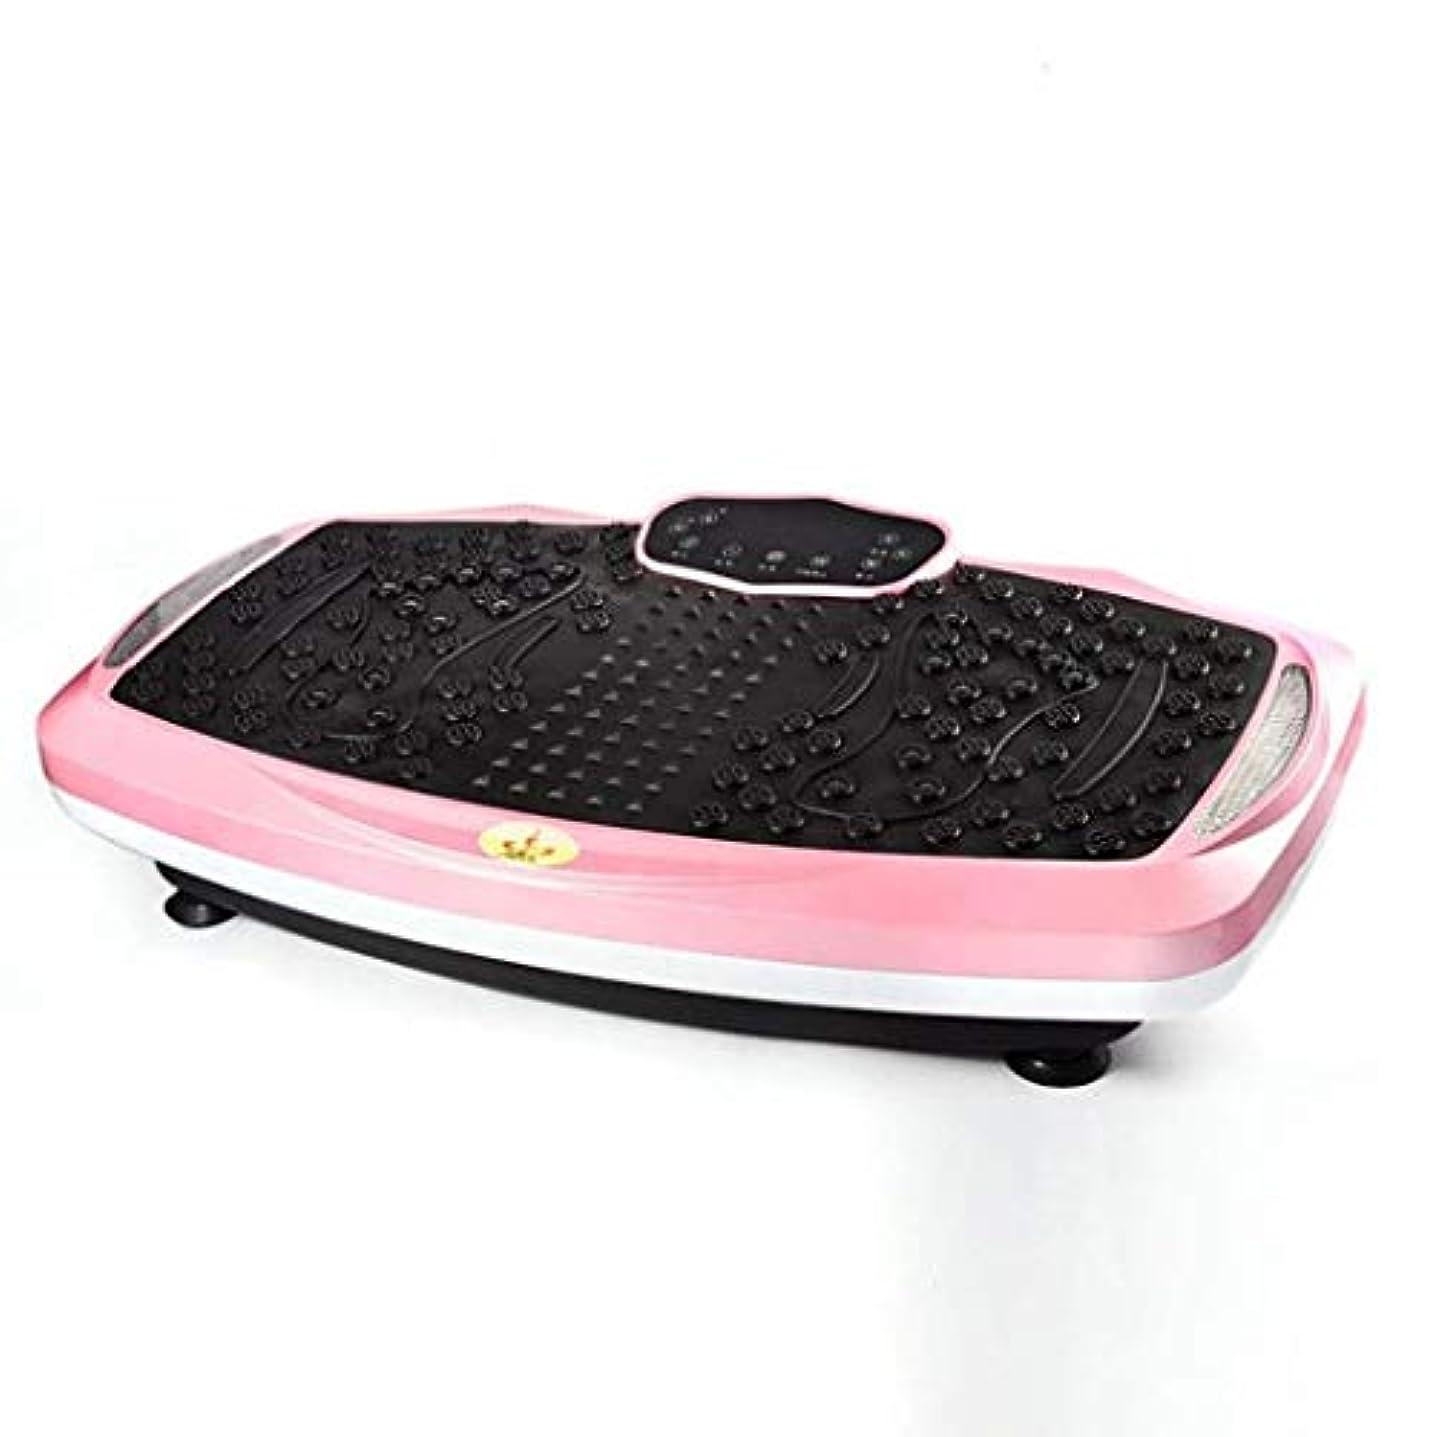 妻借りているケーブルカー家庭用減量装置、フィットネス振動トレーナー、Bluetooth音楽スピーカーを装備、全身振動マッサージボード、ユニセックス、余分な脂肪を減らす (Color : Rose pink)